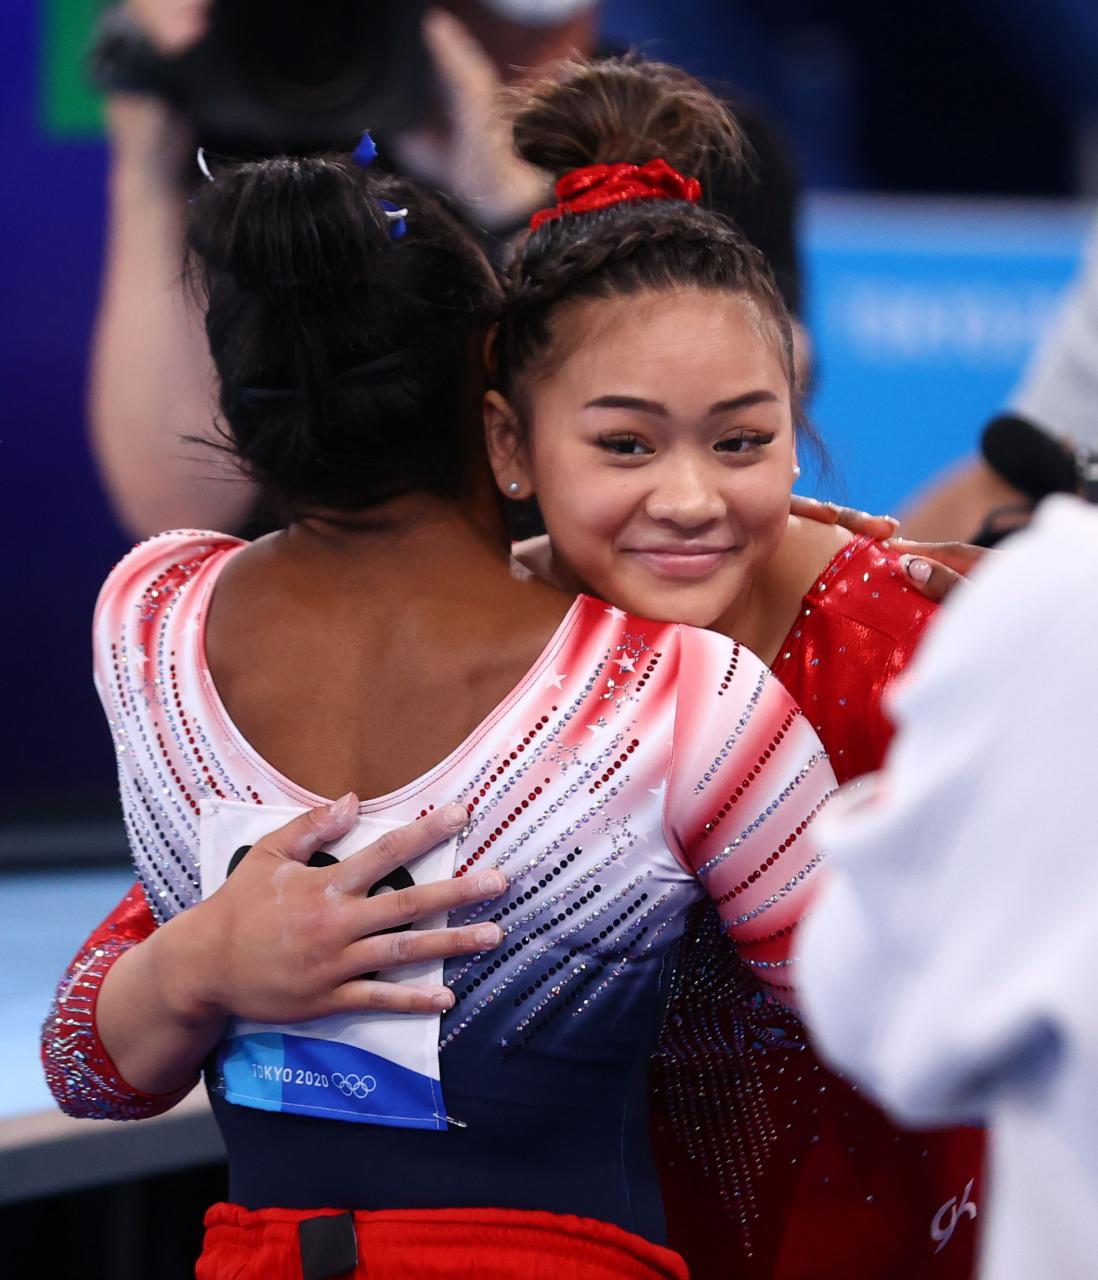 Gymnastics - Artistic - Women's Beam - Final